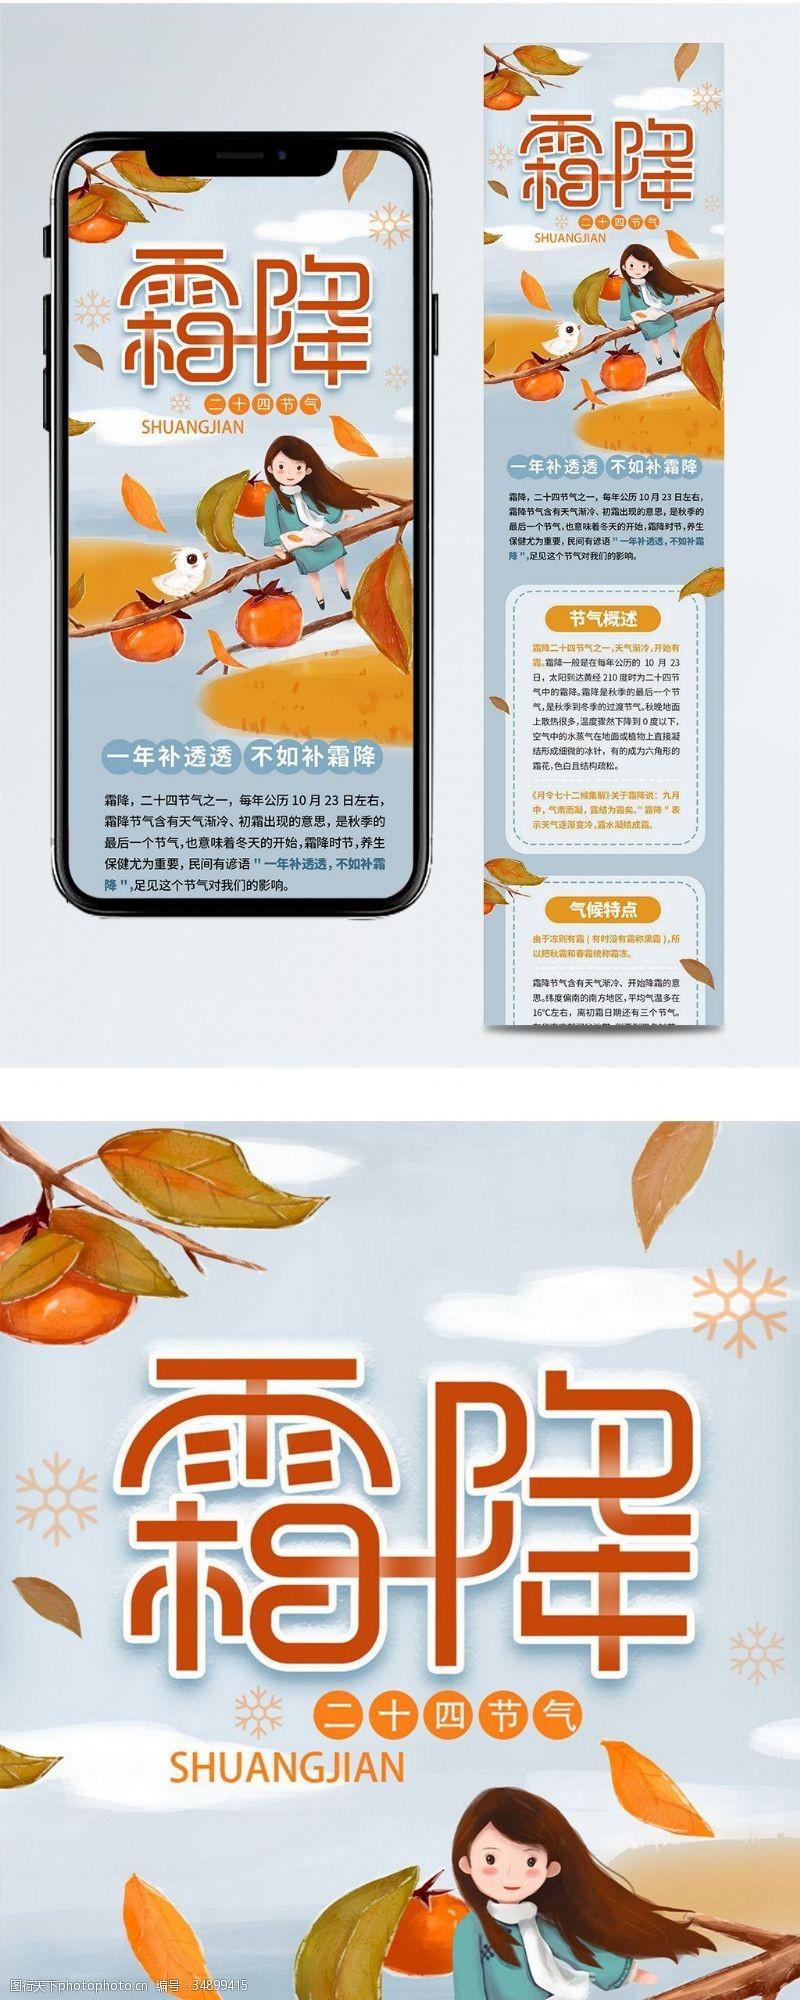 手机微信配图二十四节气霜降节日介绍信息长图